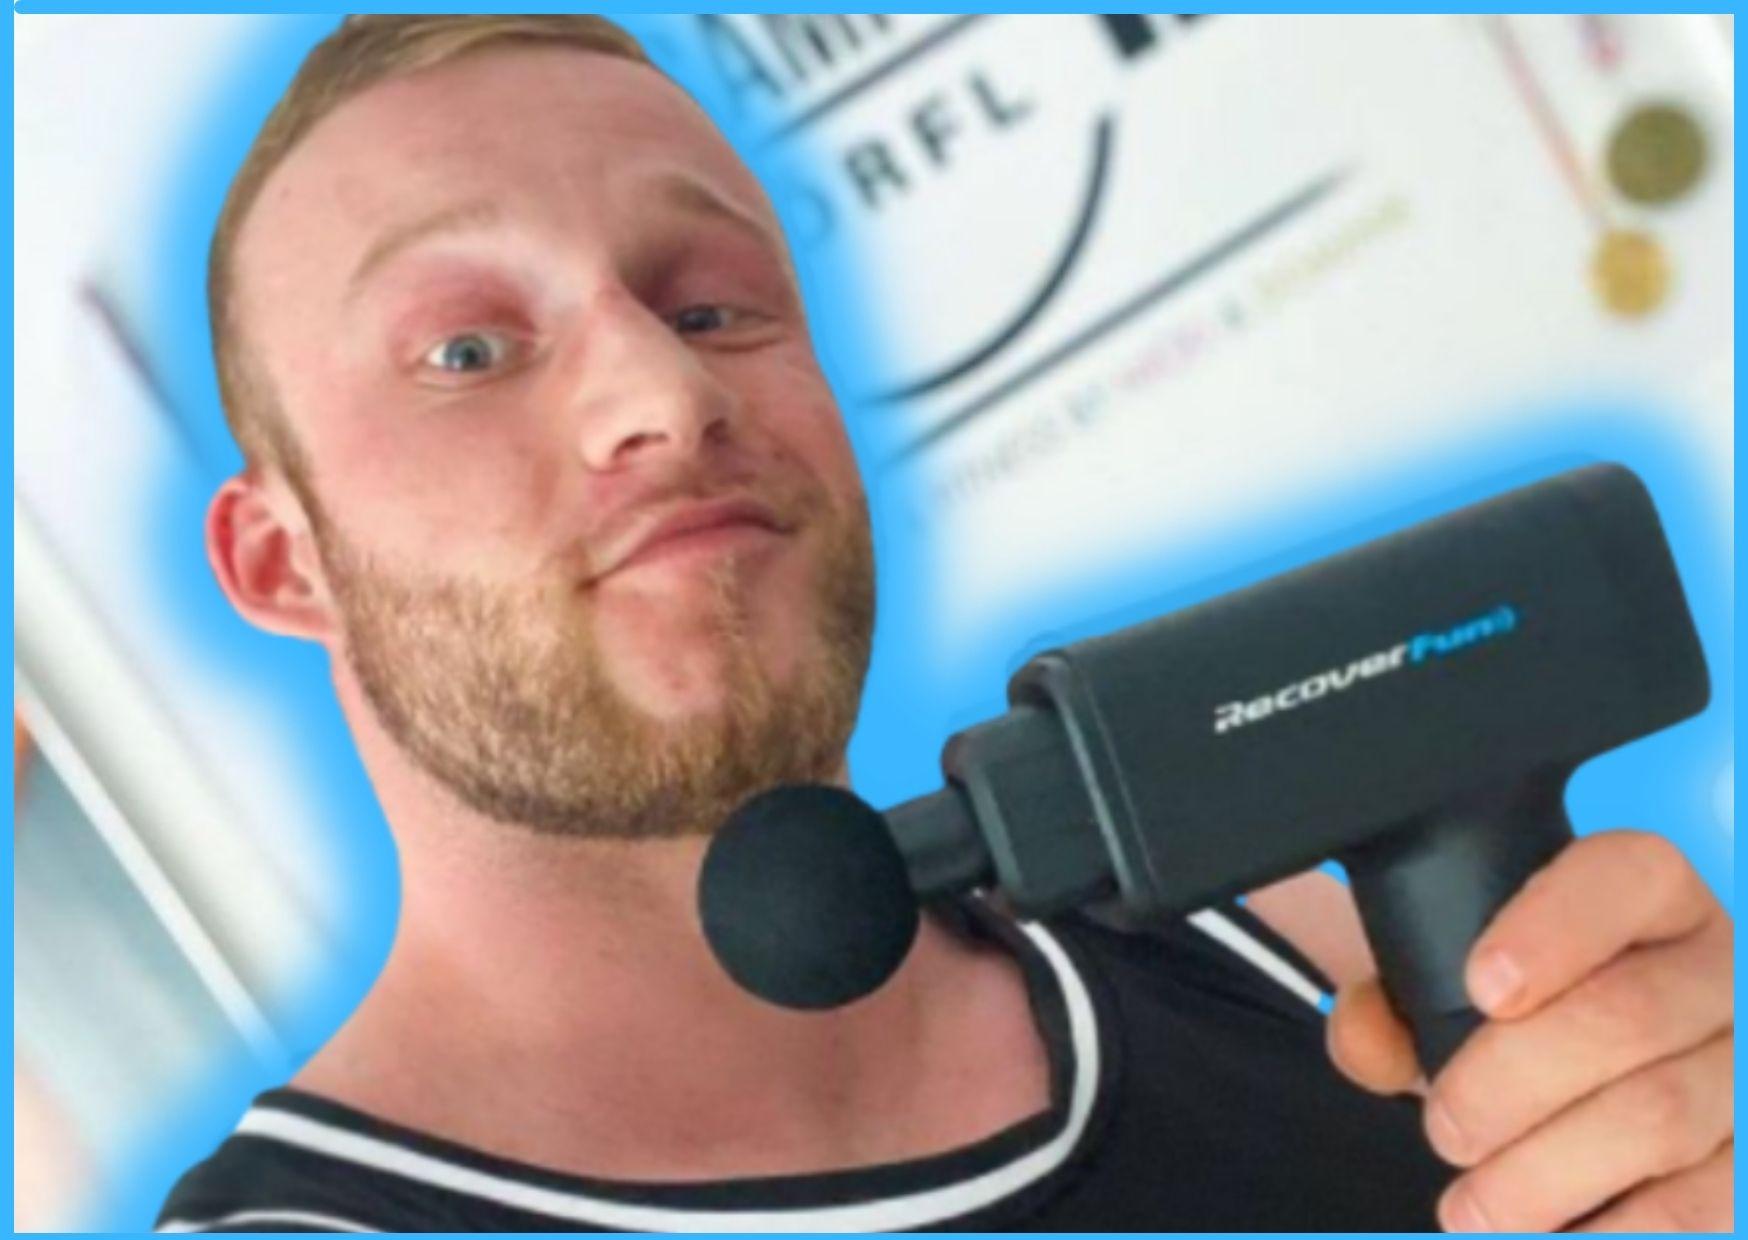 recoverfun massage gun